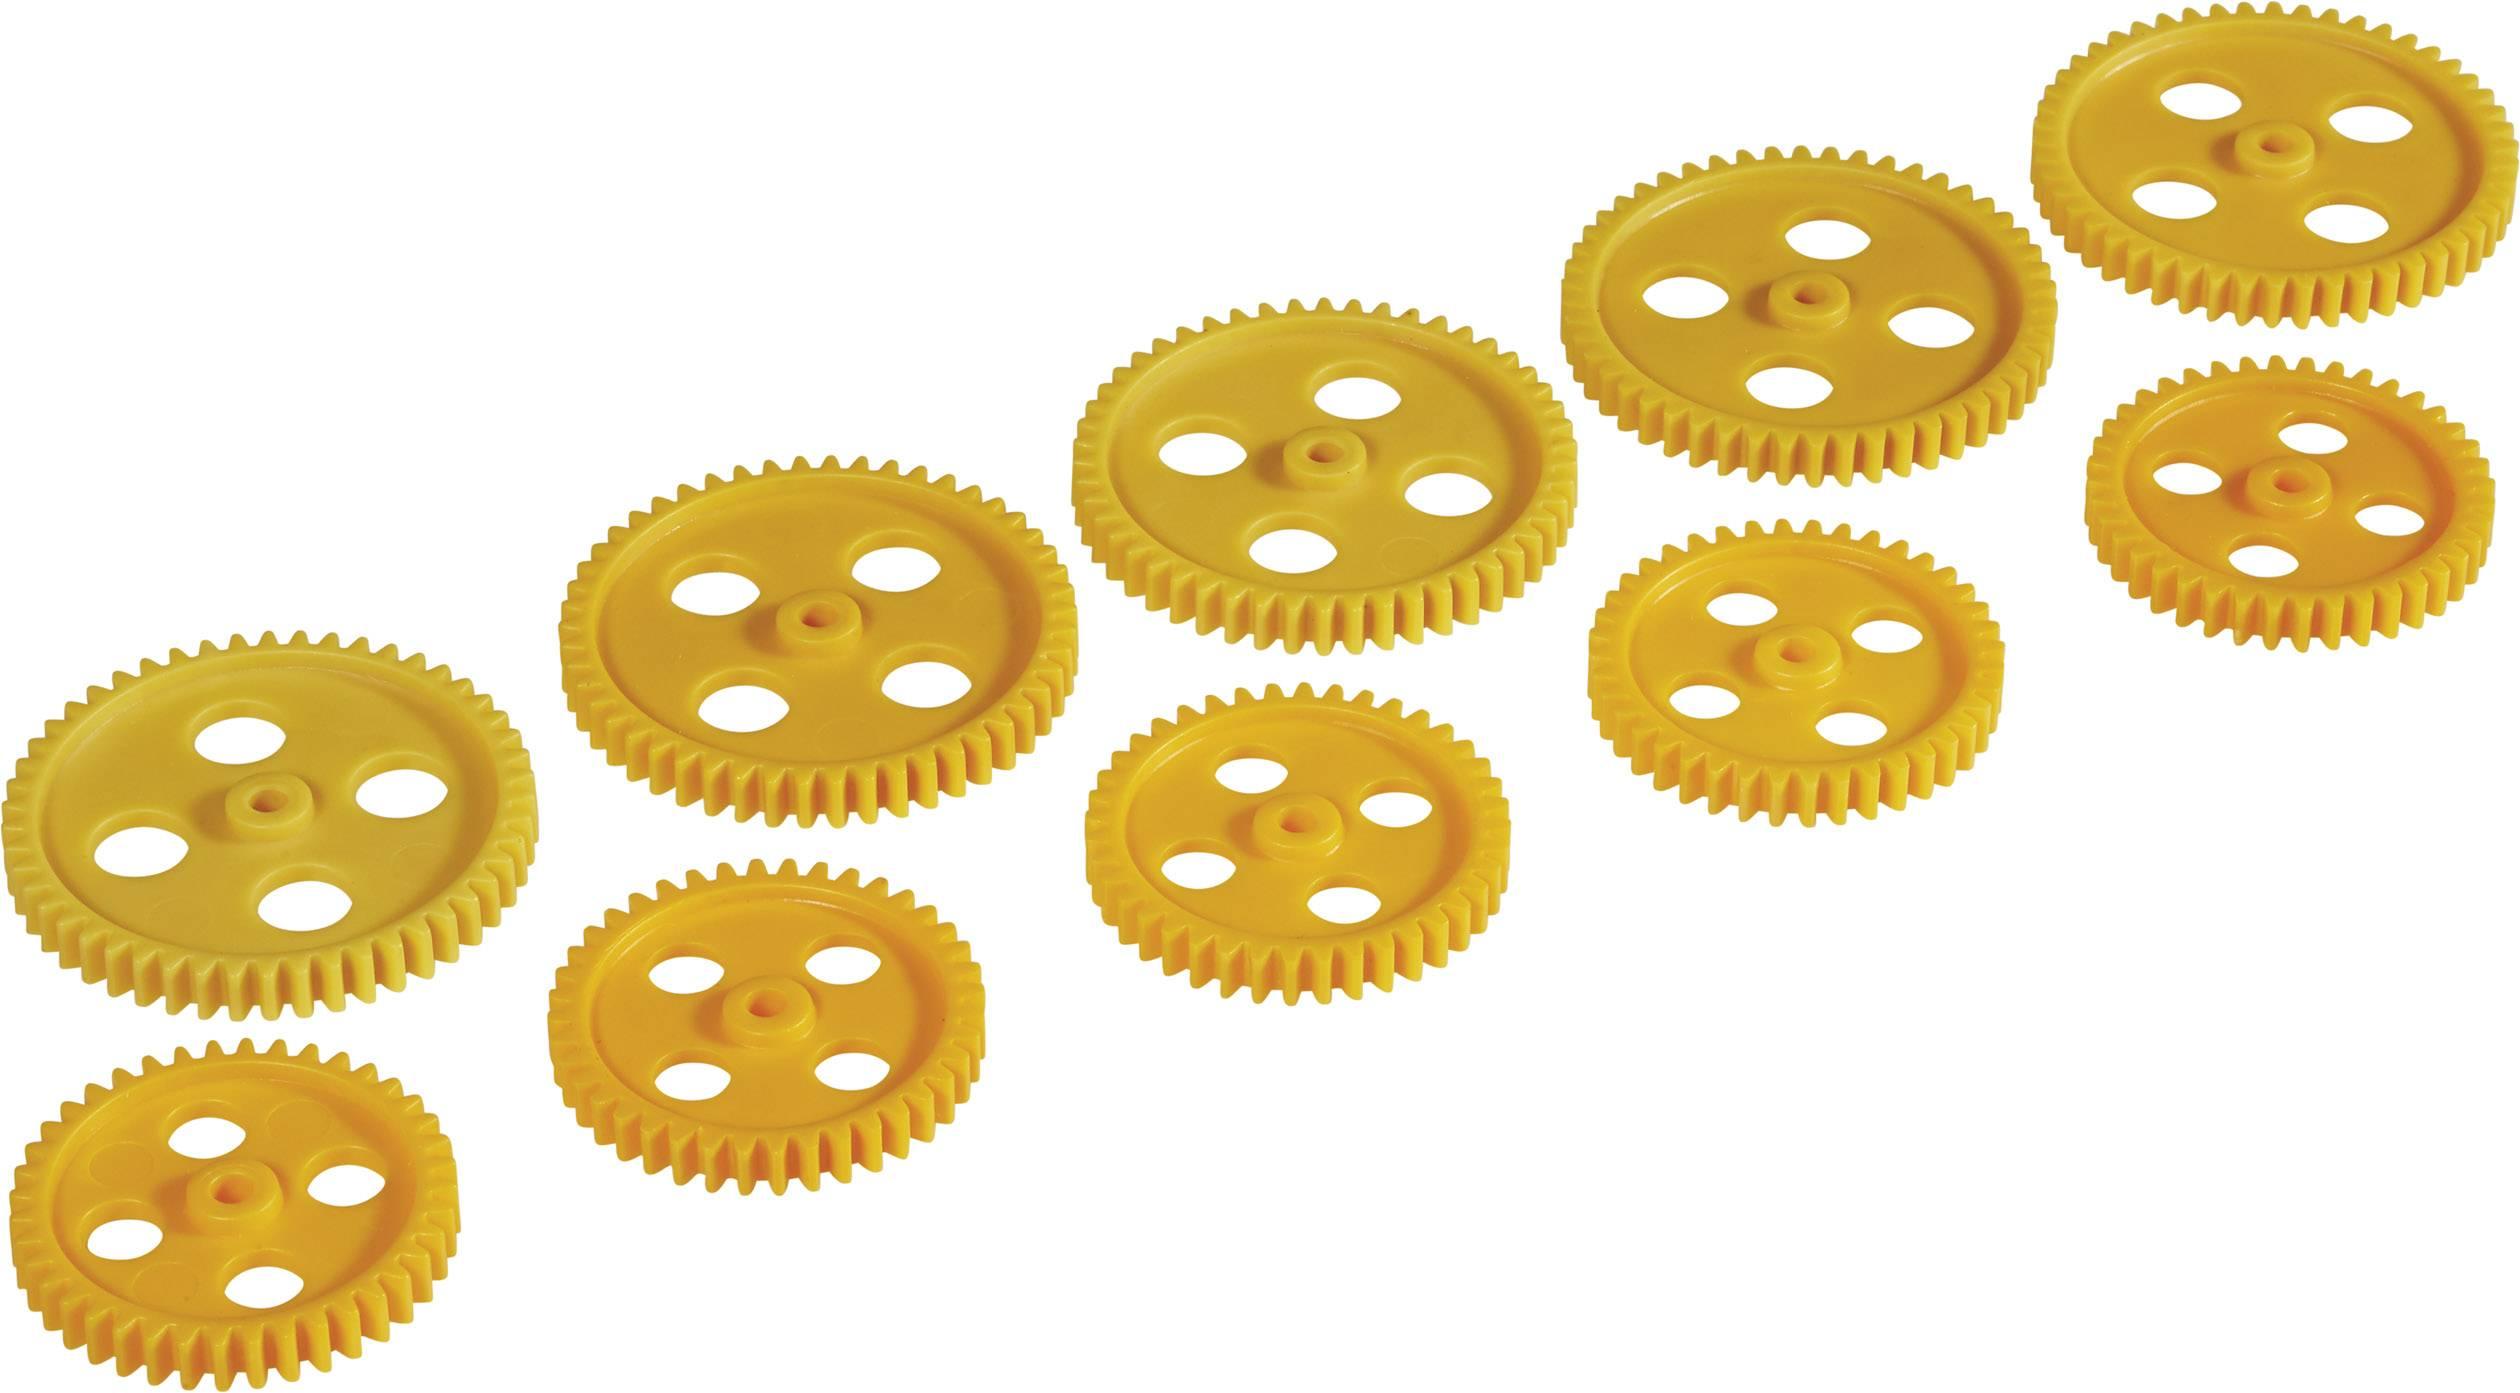 Sada ozubených koleček Modelcraft, zubů 40/50, M1, 10 ks